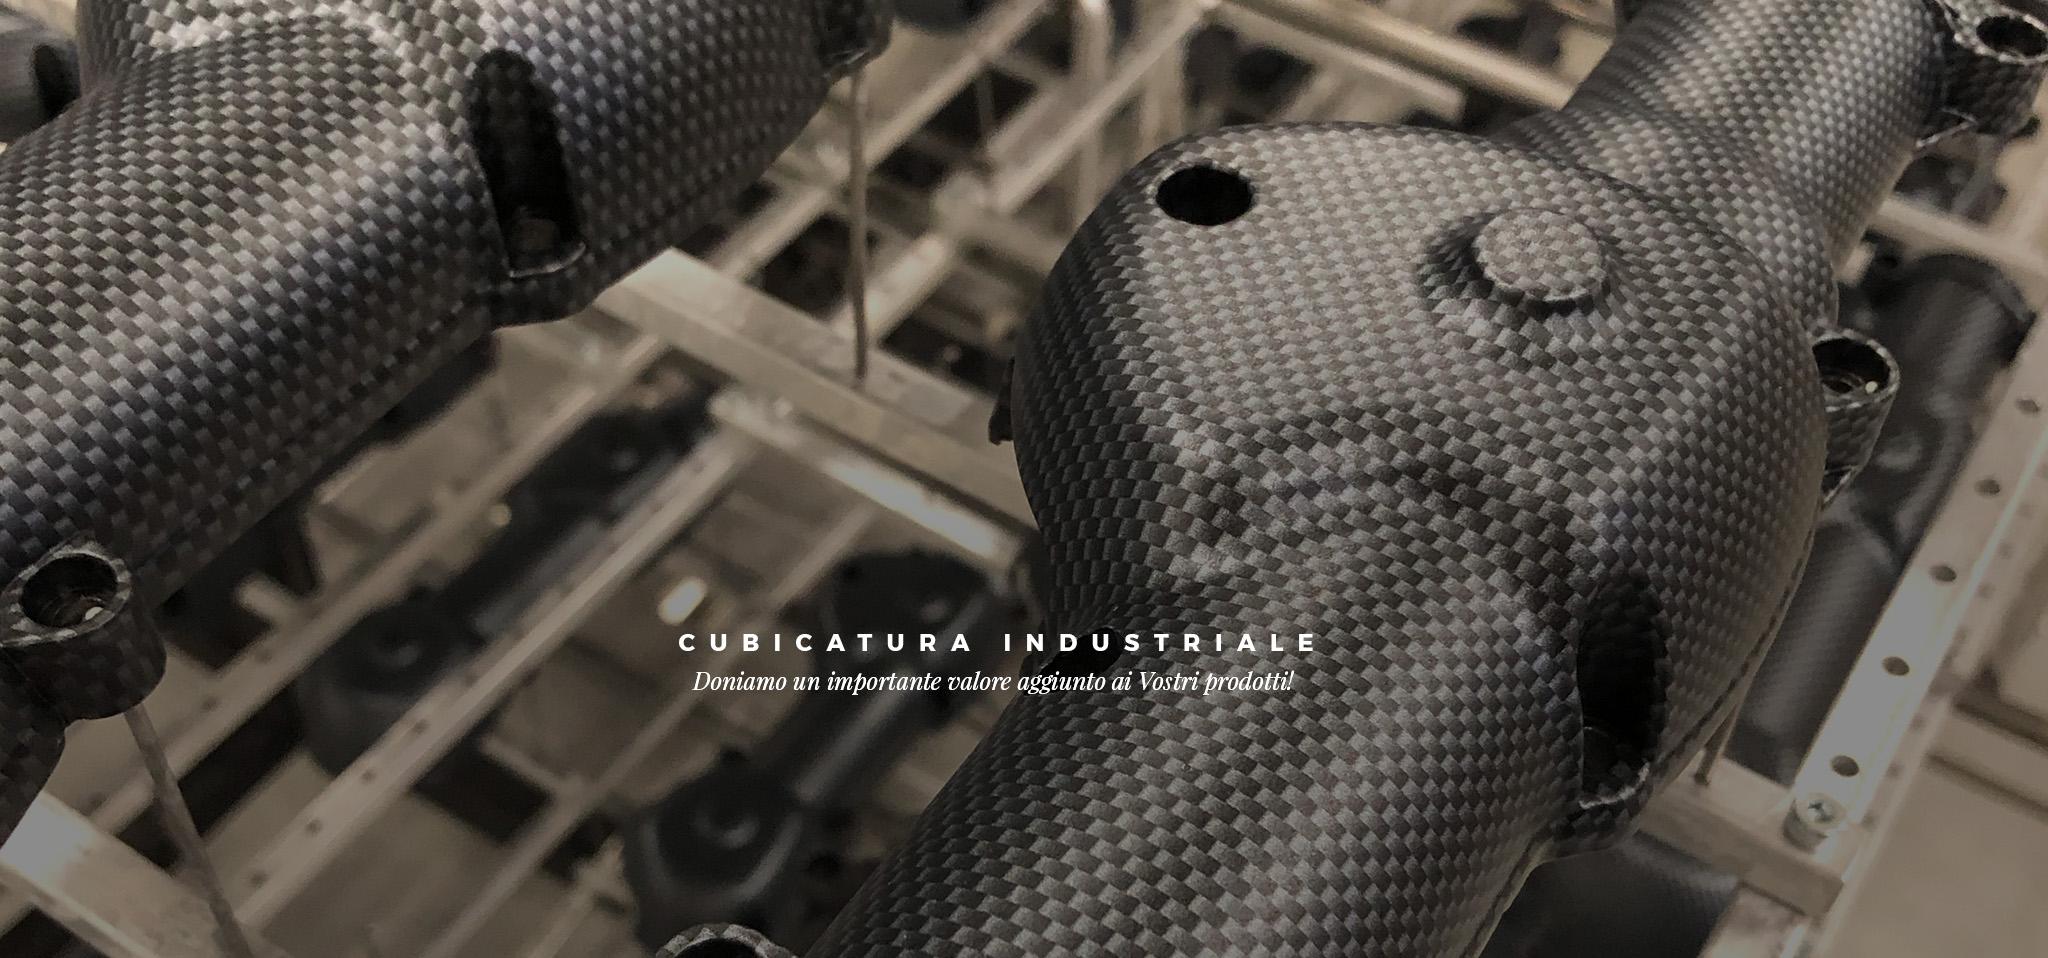 cubicatrura-industriale